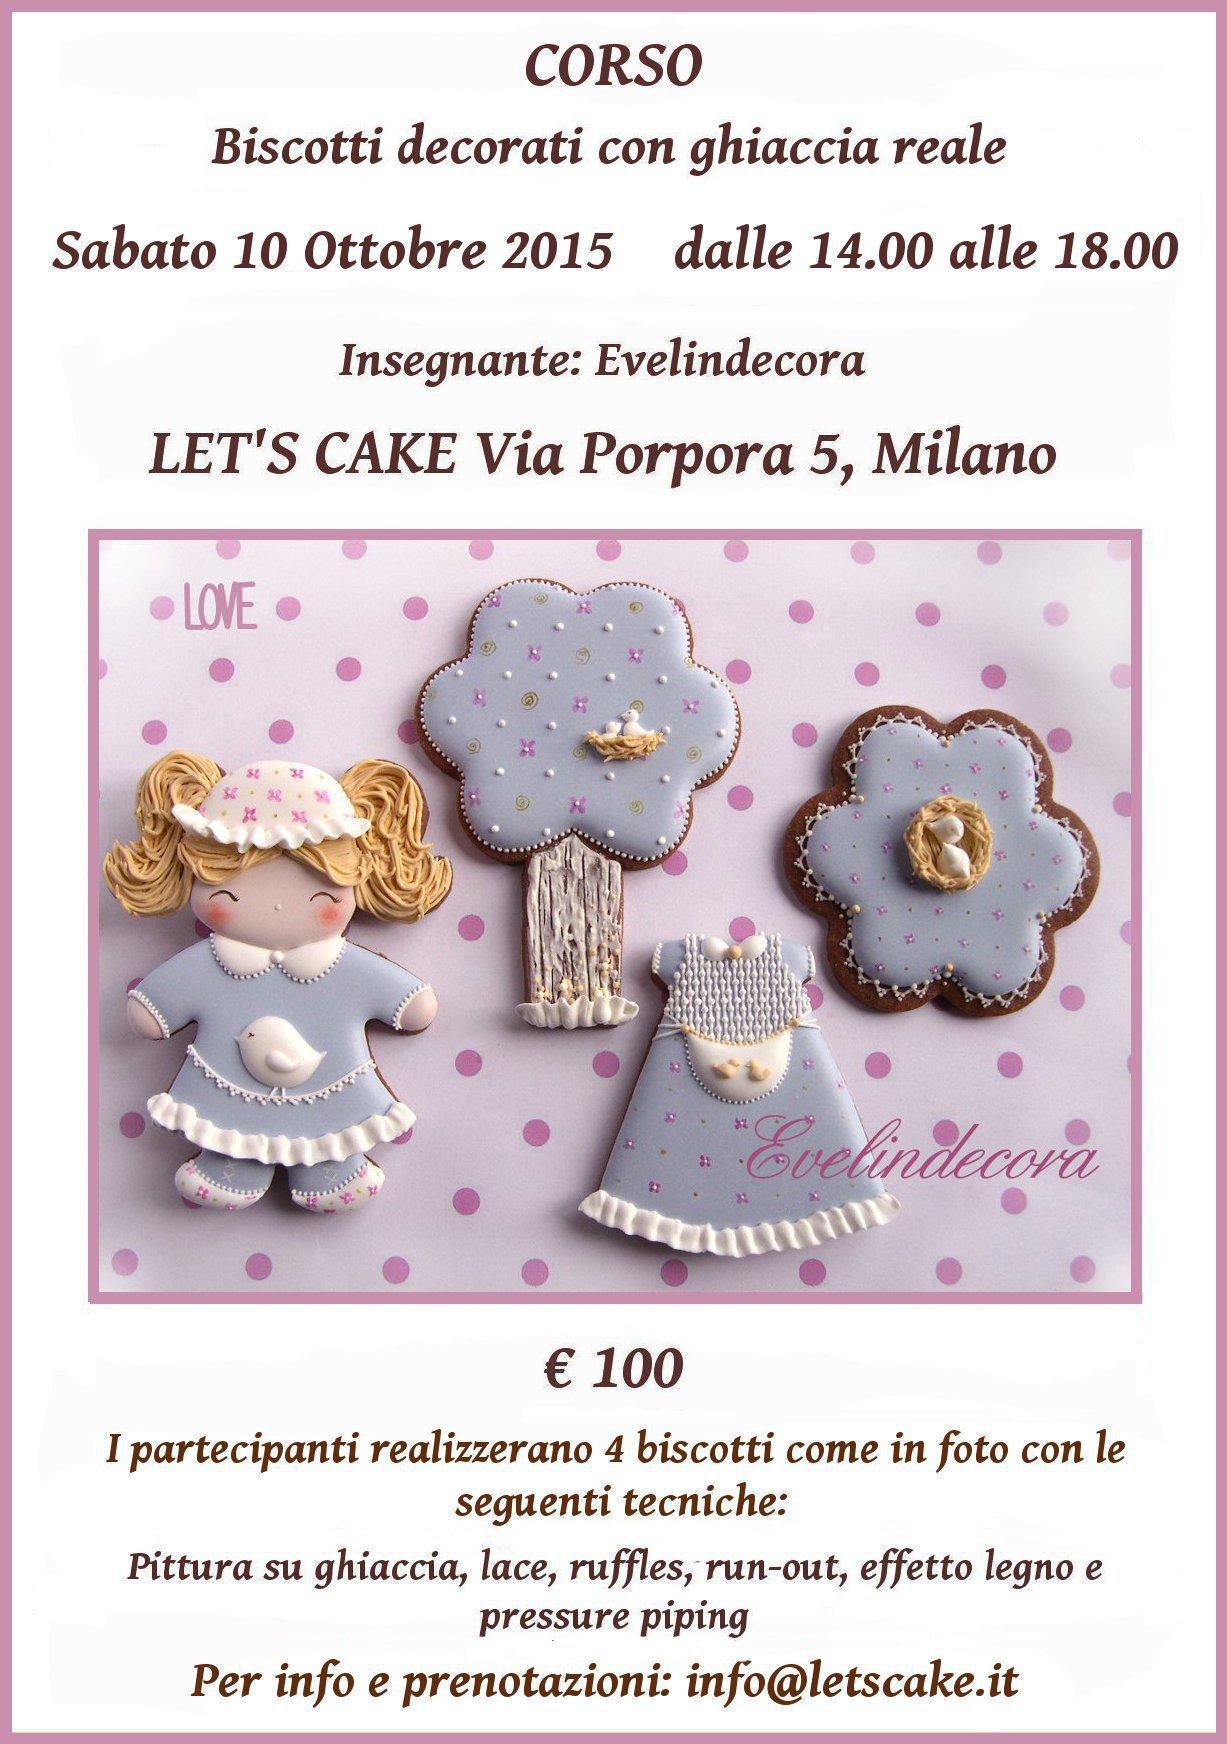 biscotti decorati ghiaccia reale Evelindecora corso cake design MIlano